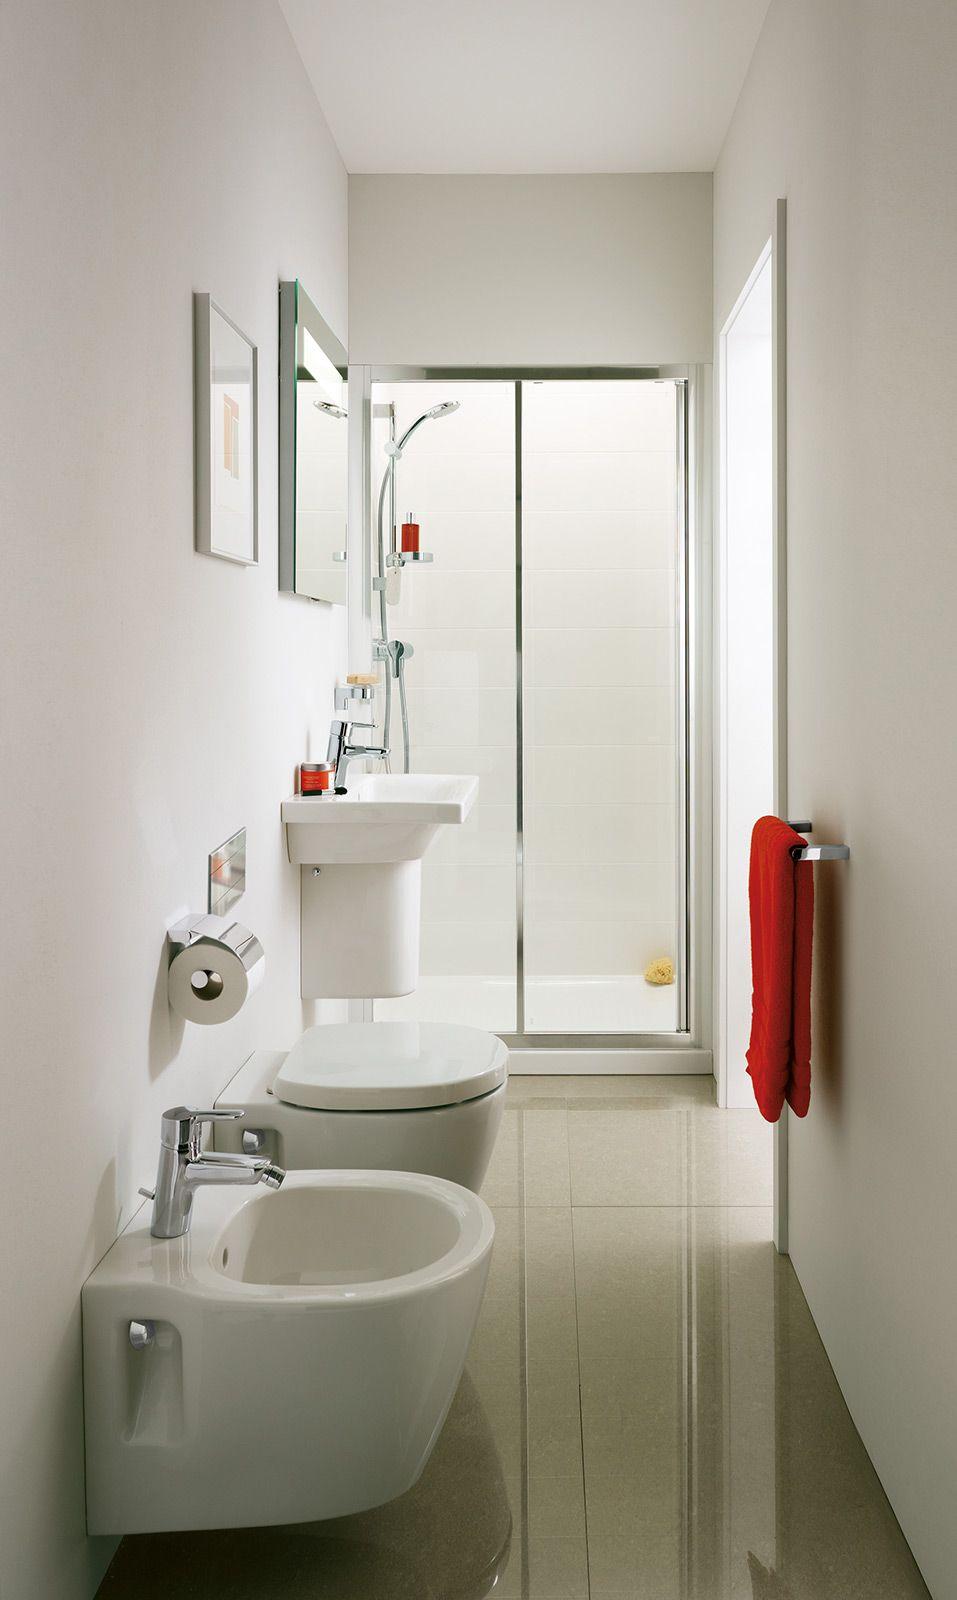 bagno stretto e lungo - cerca con google | bagno | pinterest ... - Bagni Piccolissimi Moderni